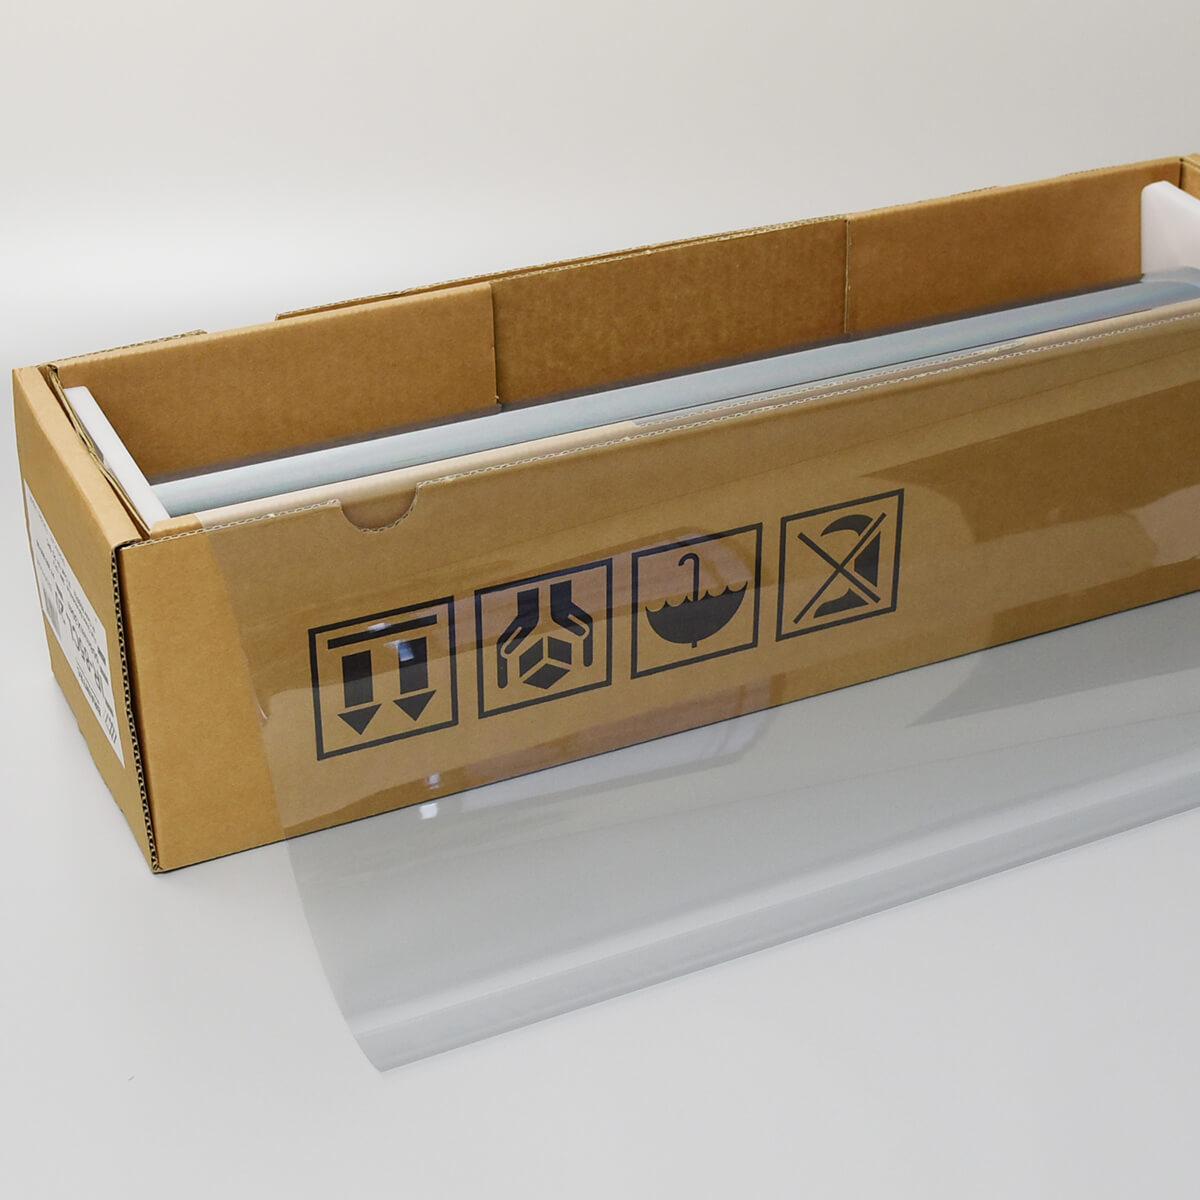 ウィンドウフィルム 窓ガラスフィルム IR透明断熱85(85%) 1m幅×30mロール箱売 飛散防止フィルム 遮熱フィルム 断熱フィルム UVカットフィルム ブレインテック Braintec